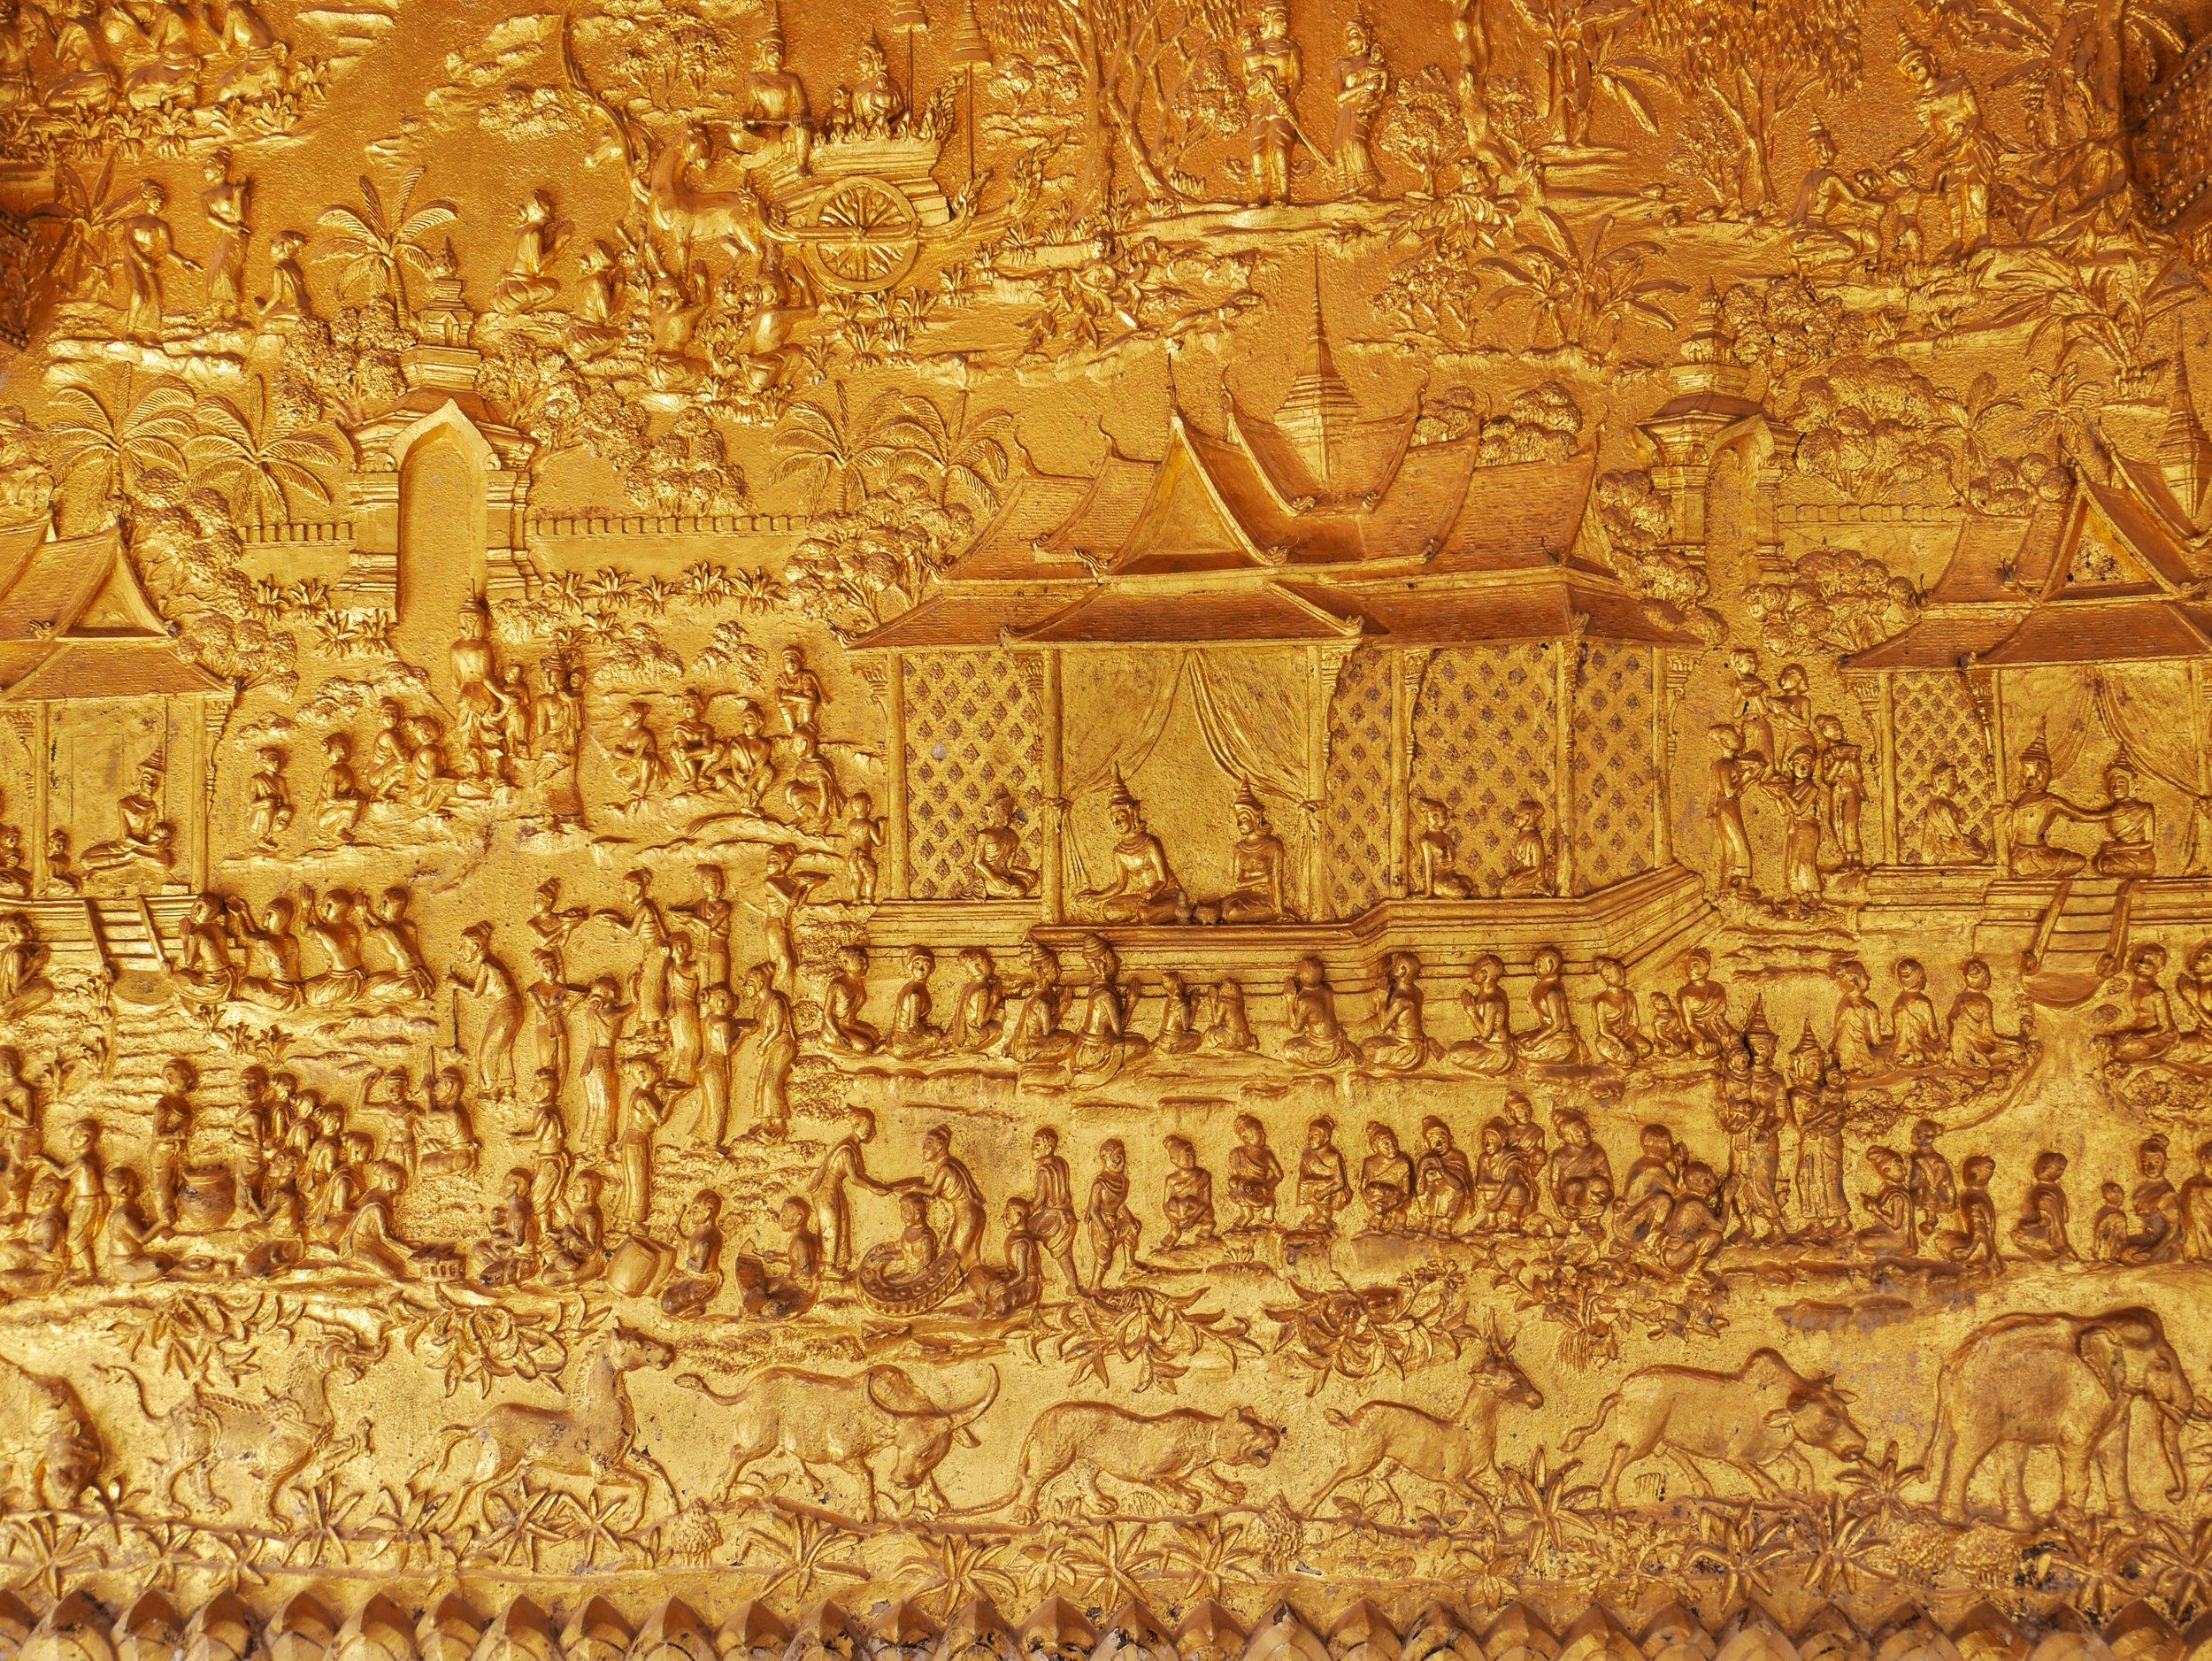 gilded reliefs at Wat Mai, Luang Prabang, Laos